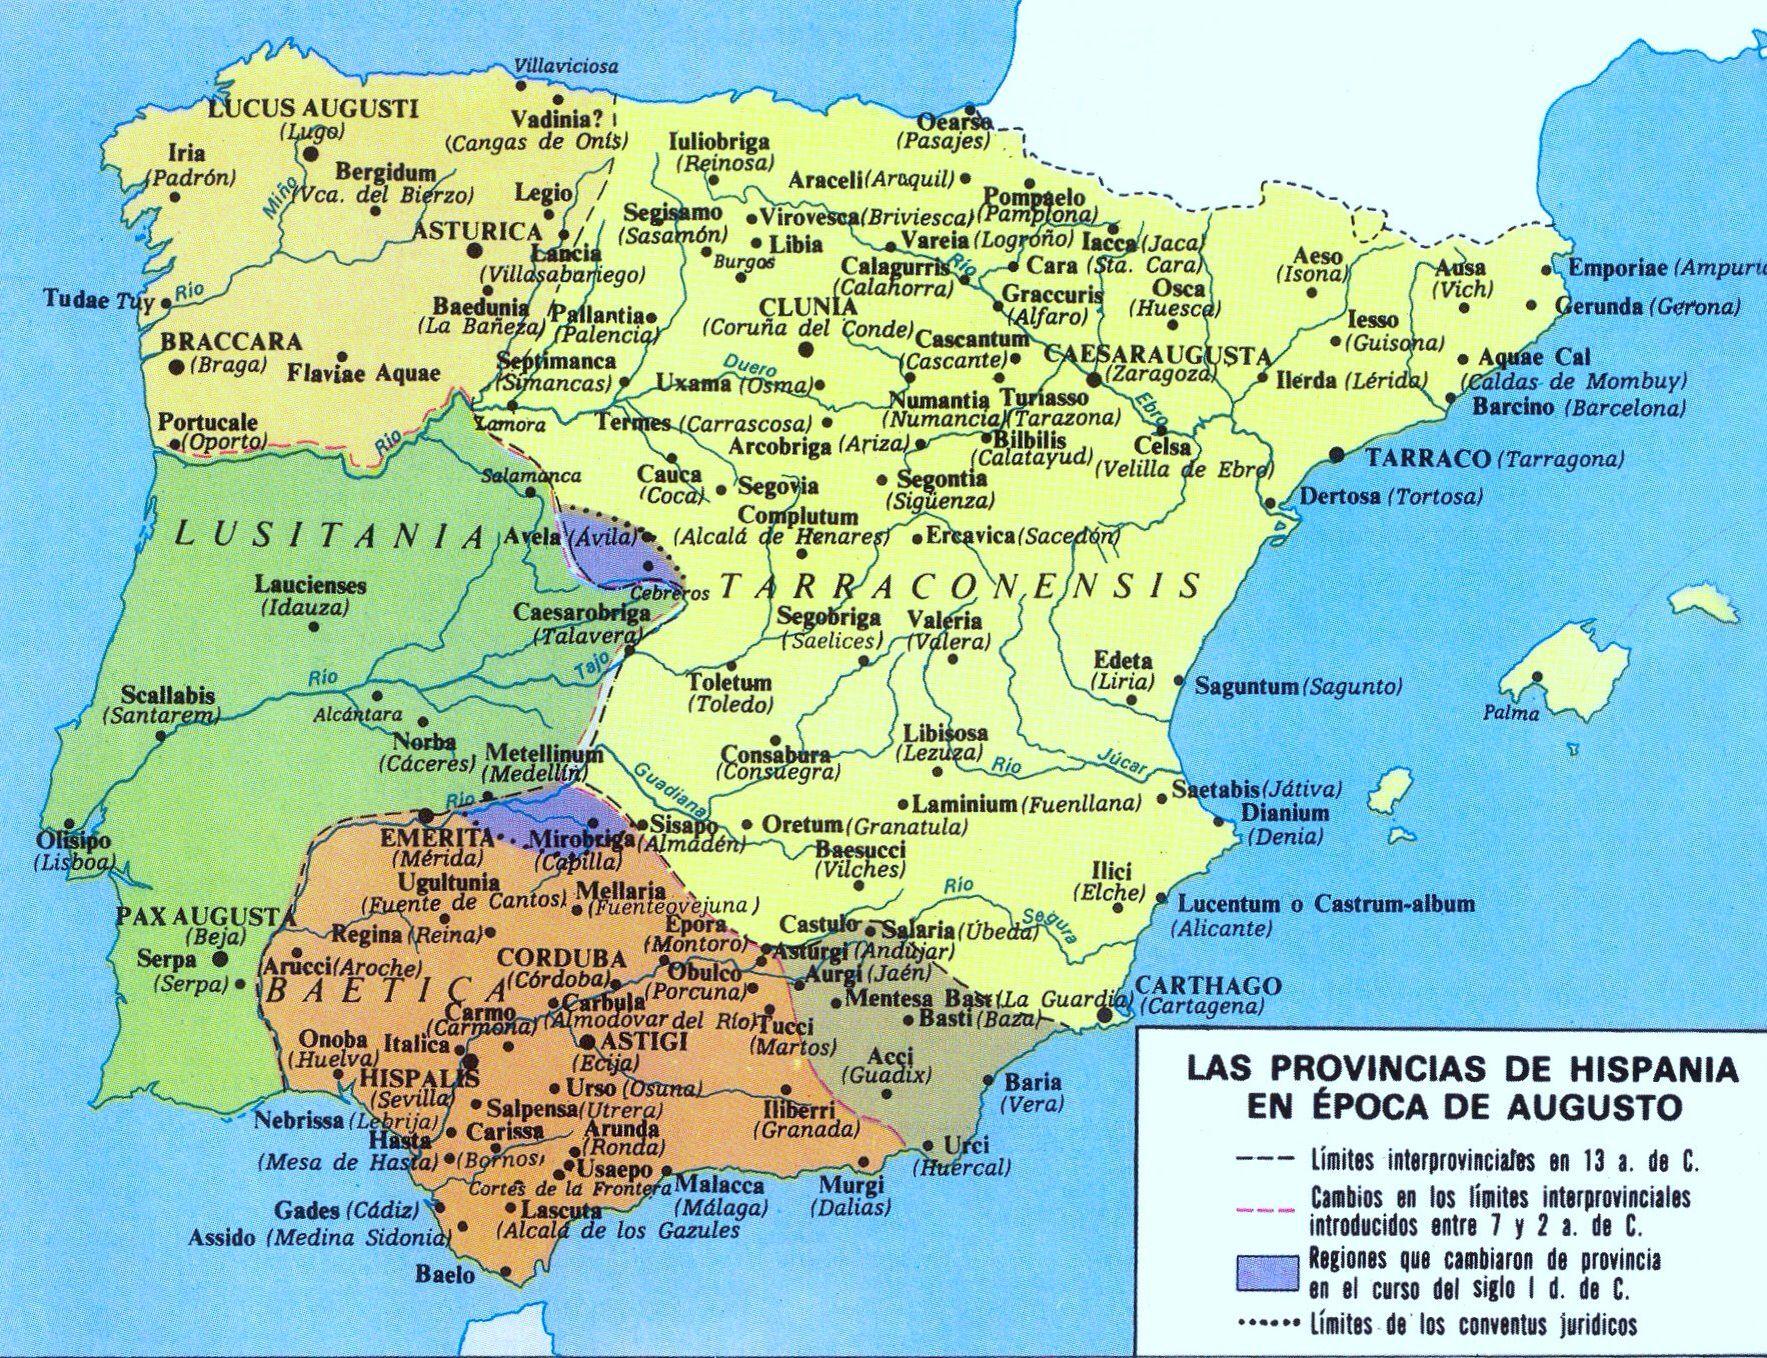 Províncias de Hispania en época de Augusto / Caius Iulius Caesar ...